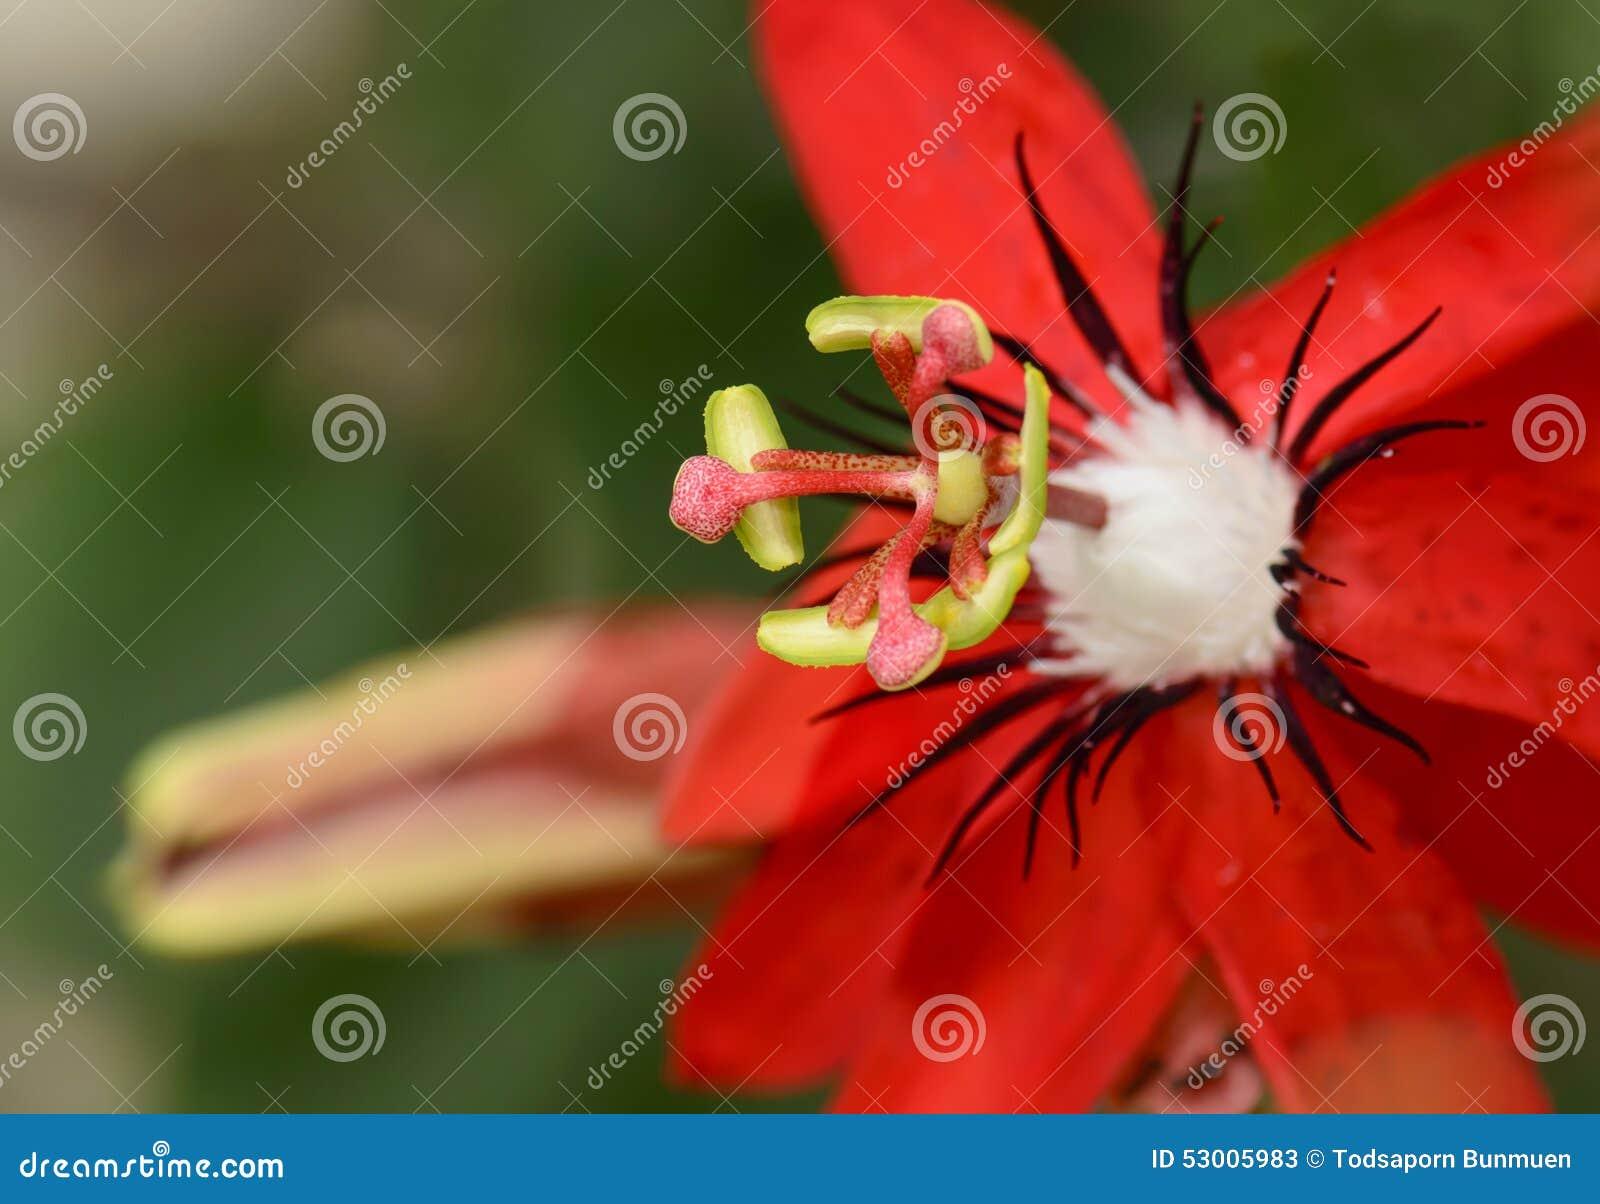 fermez vous du passiflore racemosa fleur rouge de passiflore comestible de passiflore image. Black Bedroom Furniture Sets. Home Design Ideas